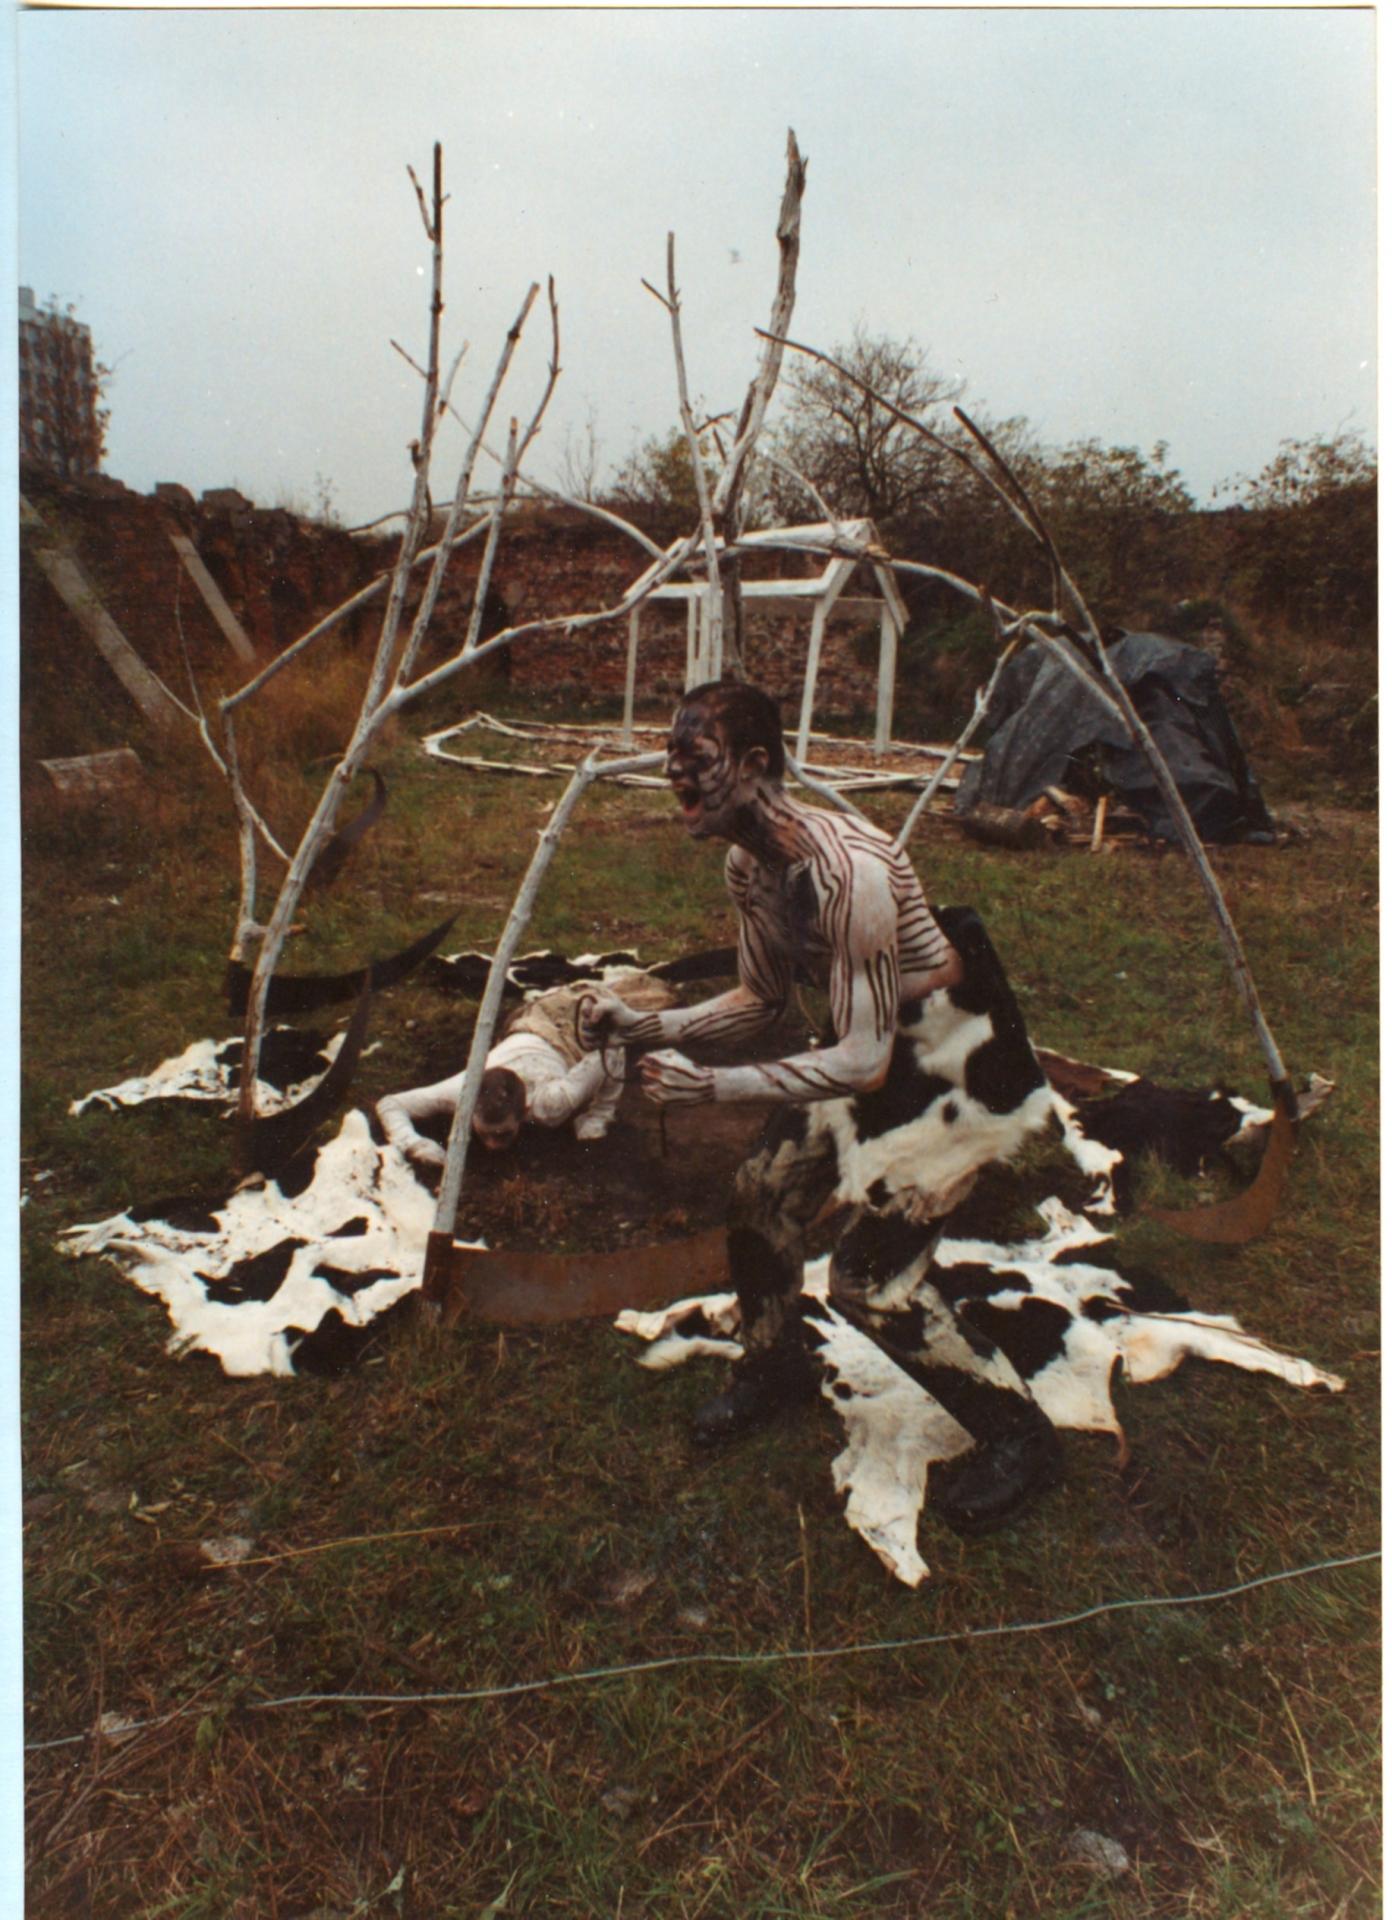 Ziemia Mindel Würm, CH3 NH CH 2, Gdańsk, 1990, dzięki uprzejmości Marka Rogulskiego i Piotra Wyrzykowskiego